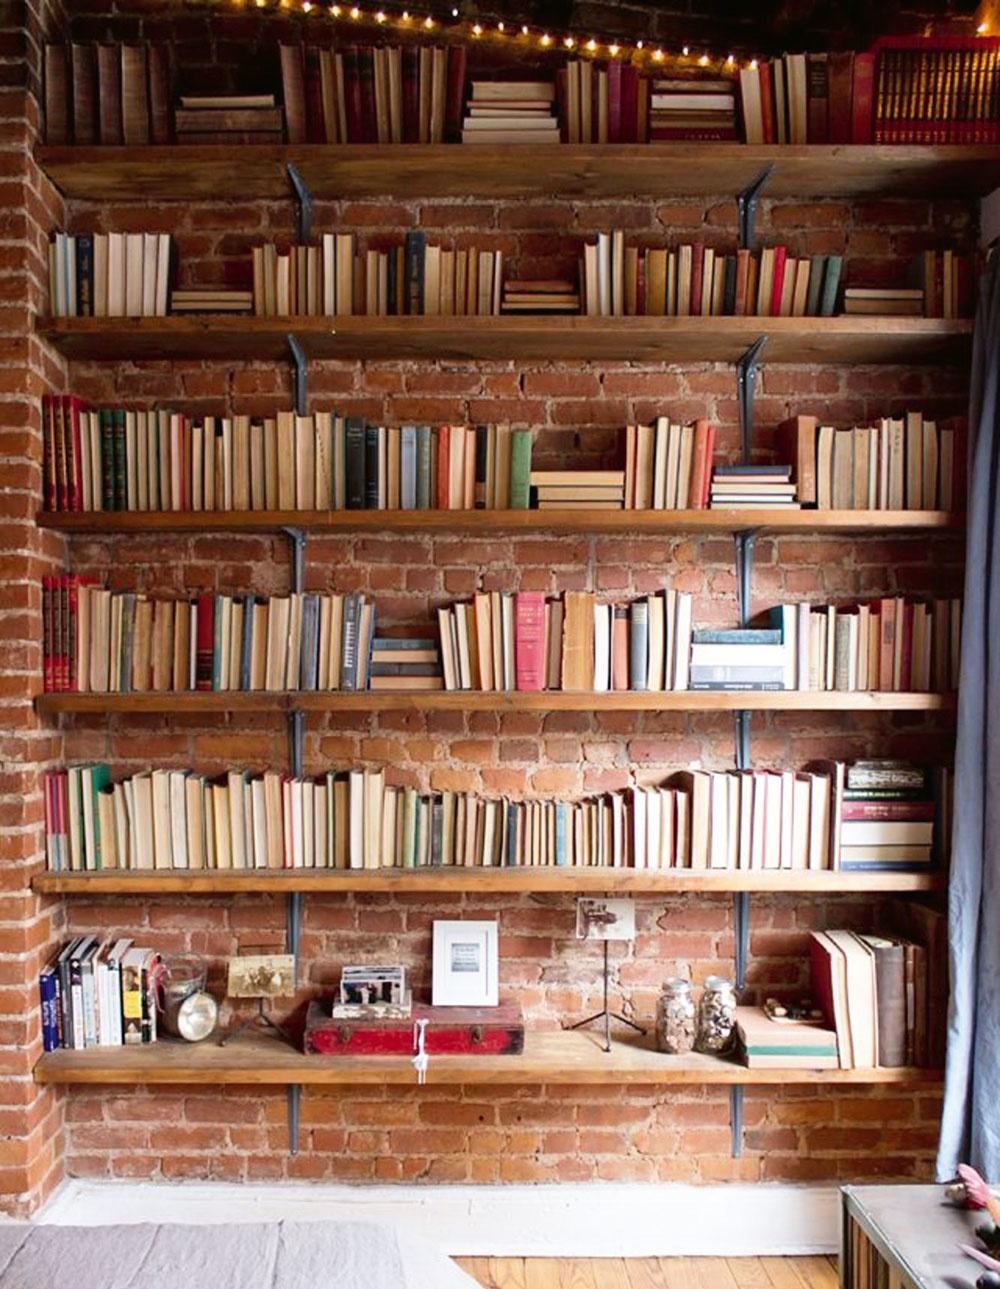 terakotová tehla v knižnici